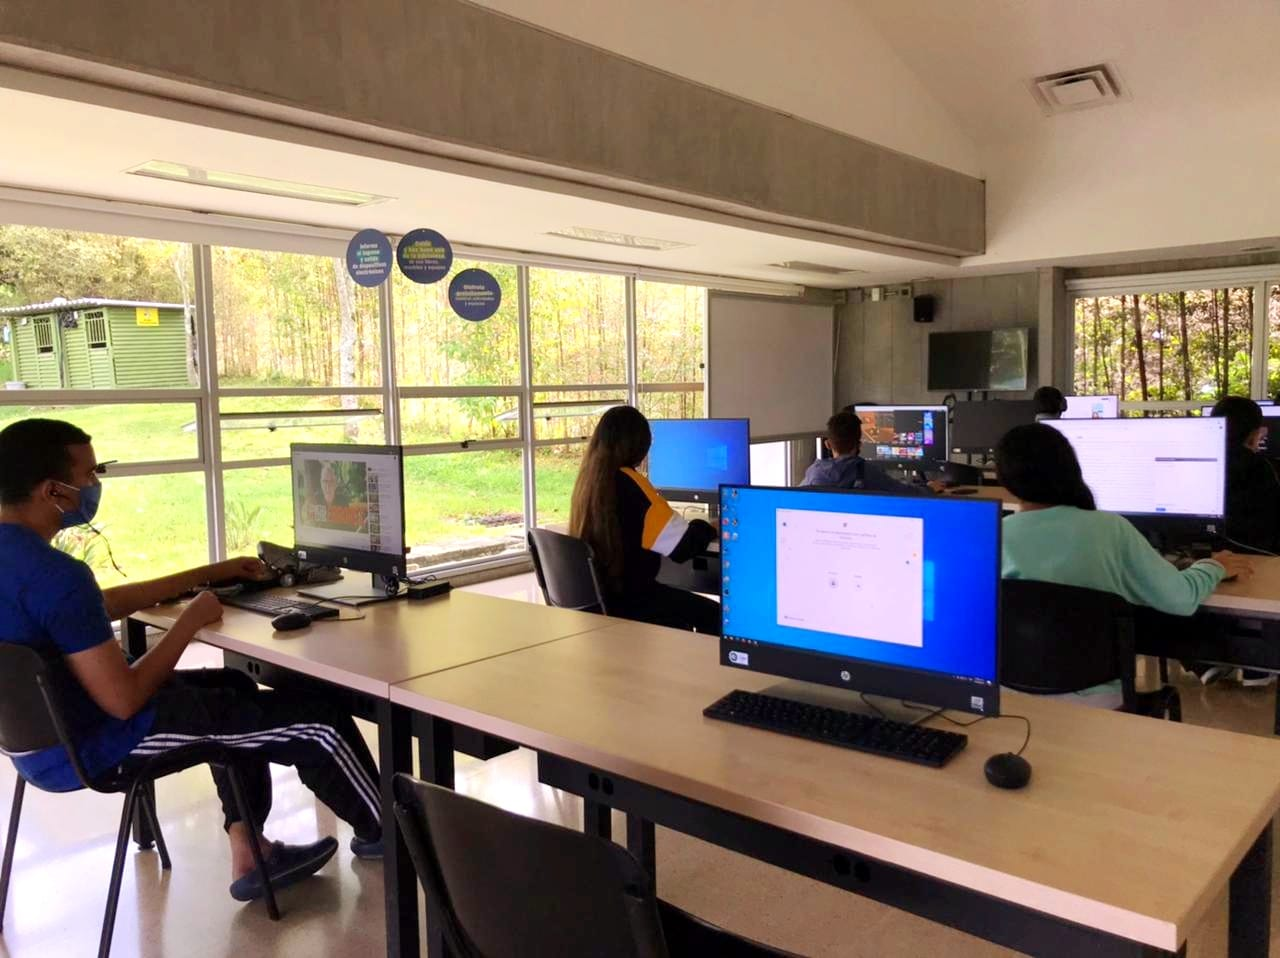 Cada salacuenta con diez computadores en los que podrás estudiar, trabajar o pasar tu tiempo libre conservando todas las medidas de bioseguridad. Para acceder a ellos solo necesitas traer tu documento de identidad y regístrate con nosotros directamente en alguna de las dos salas.